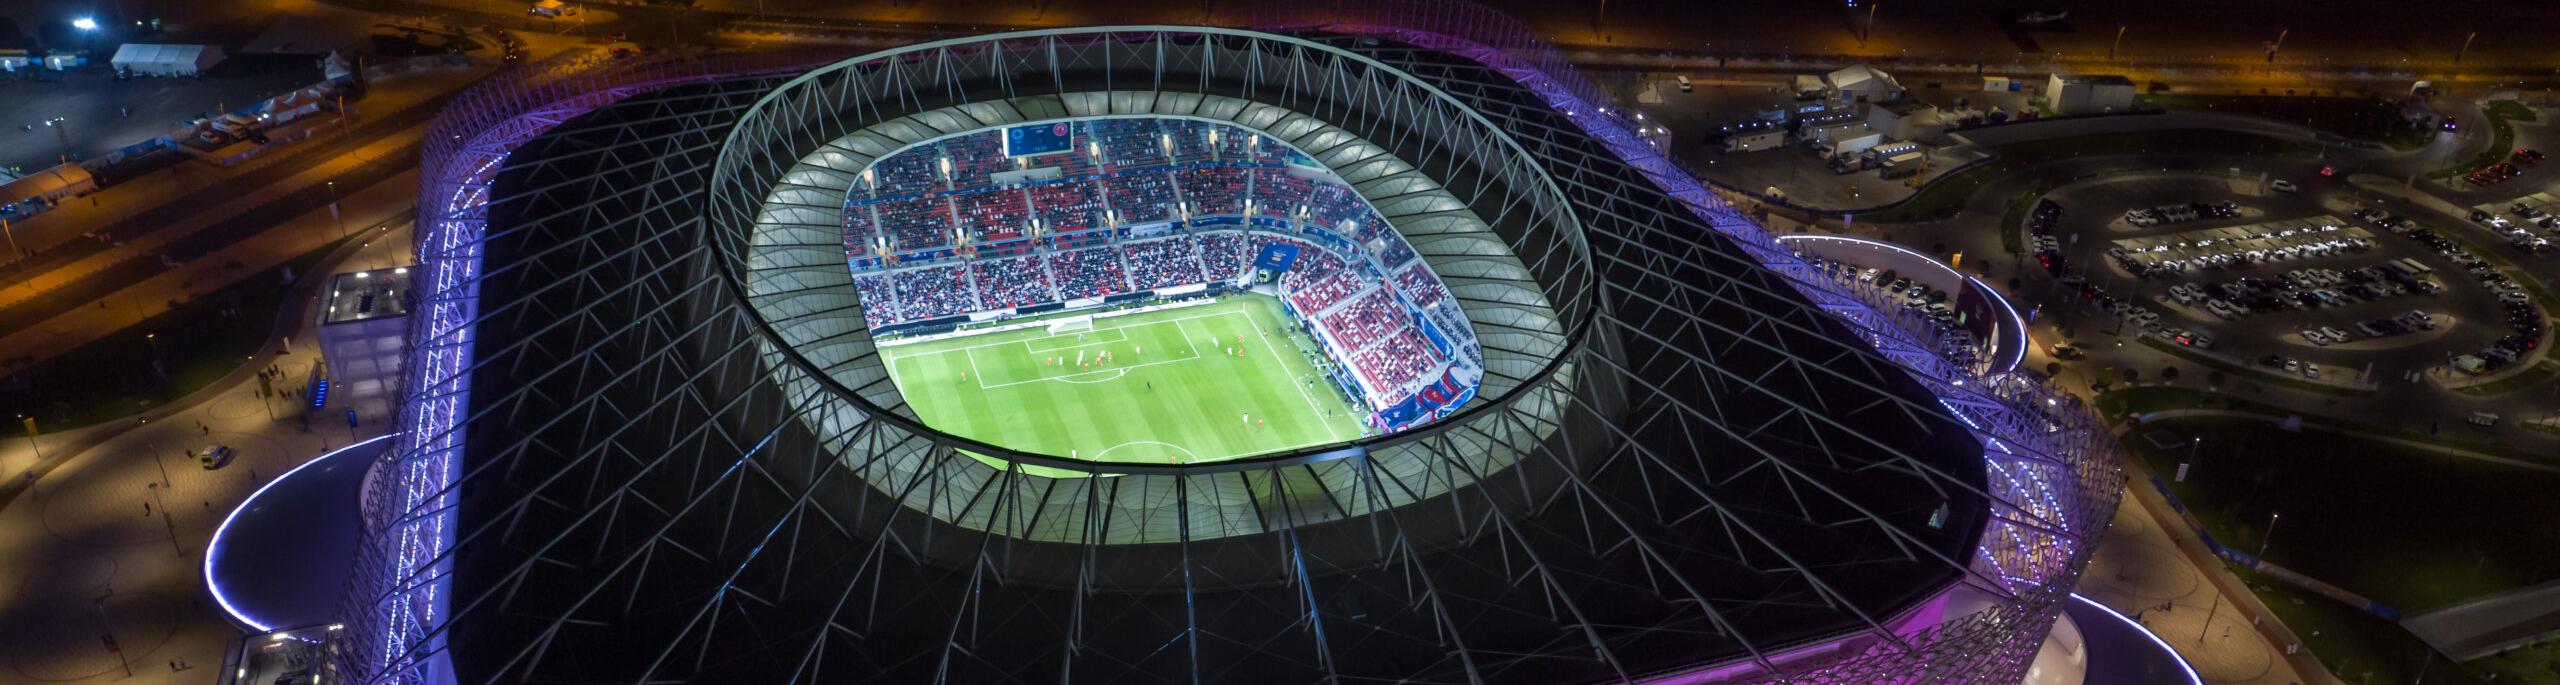 Road to Qatar 2022, Italia alla riscossa con Mancini: le quote degli azzurri e delle altre favorite